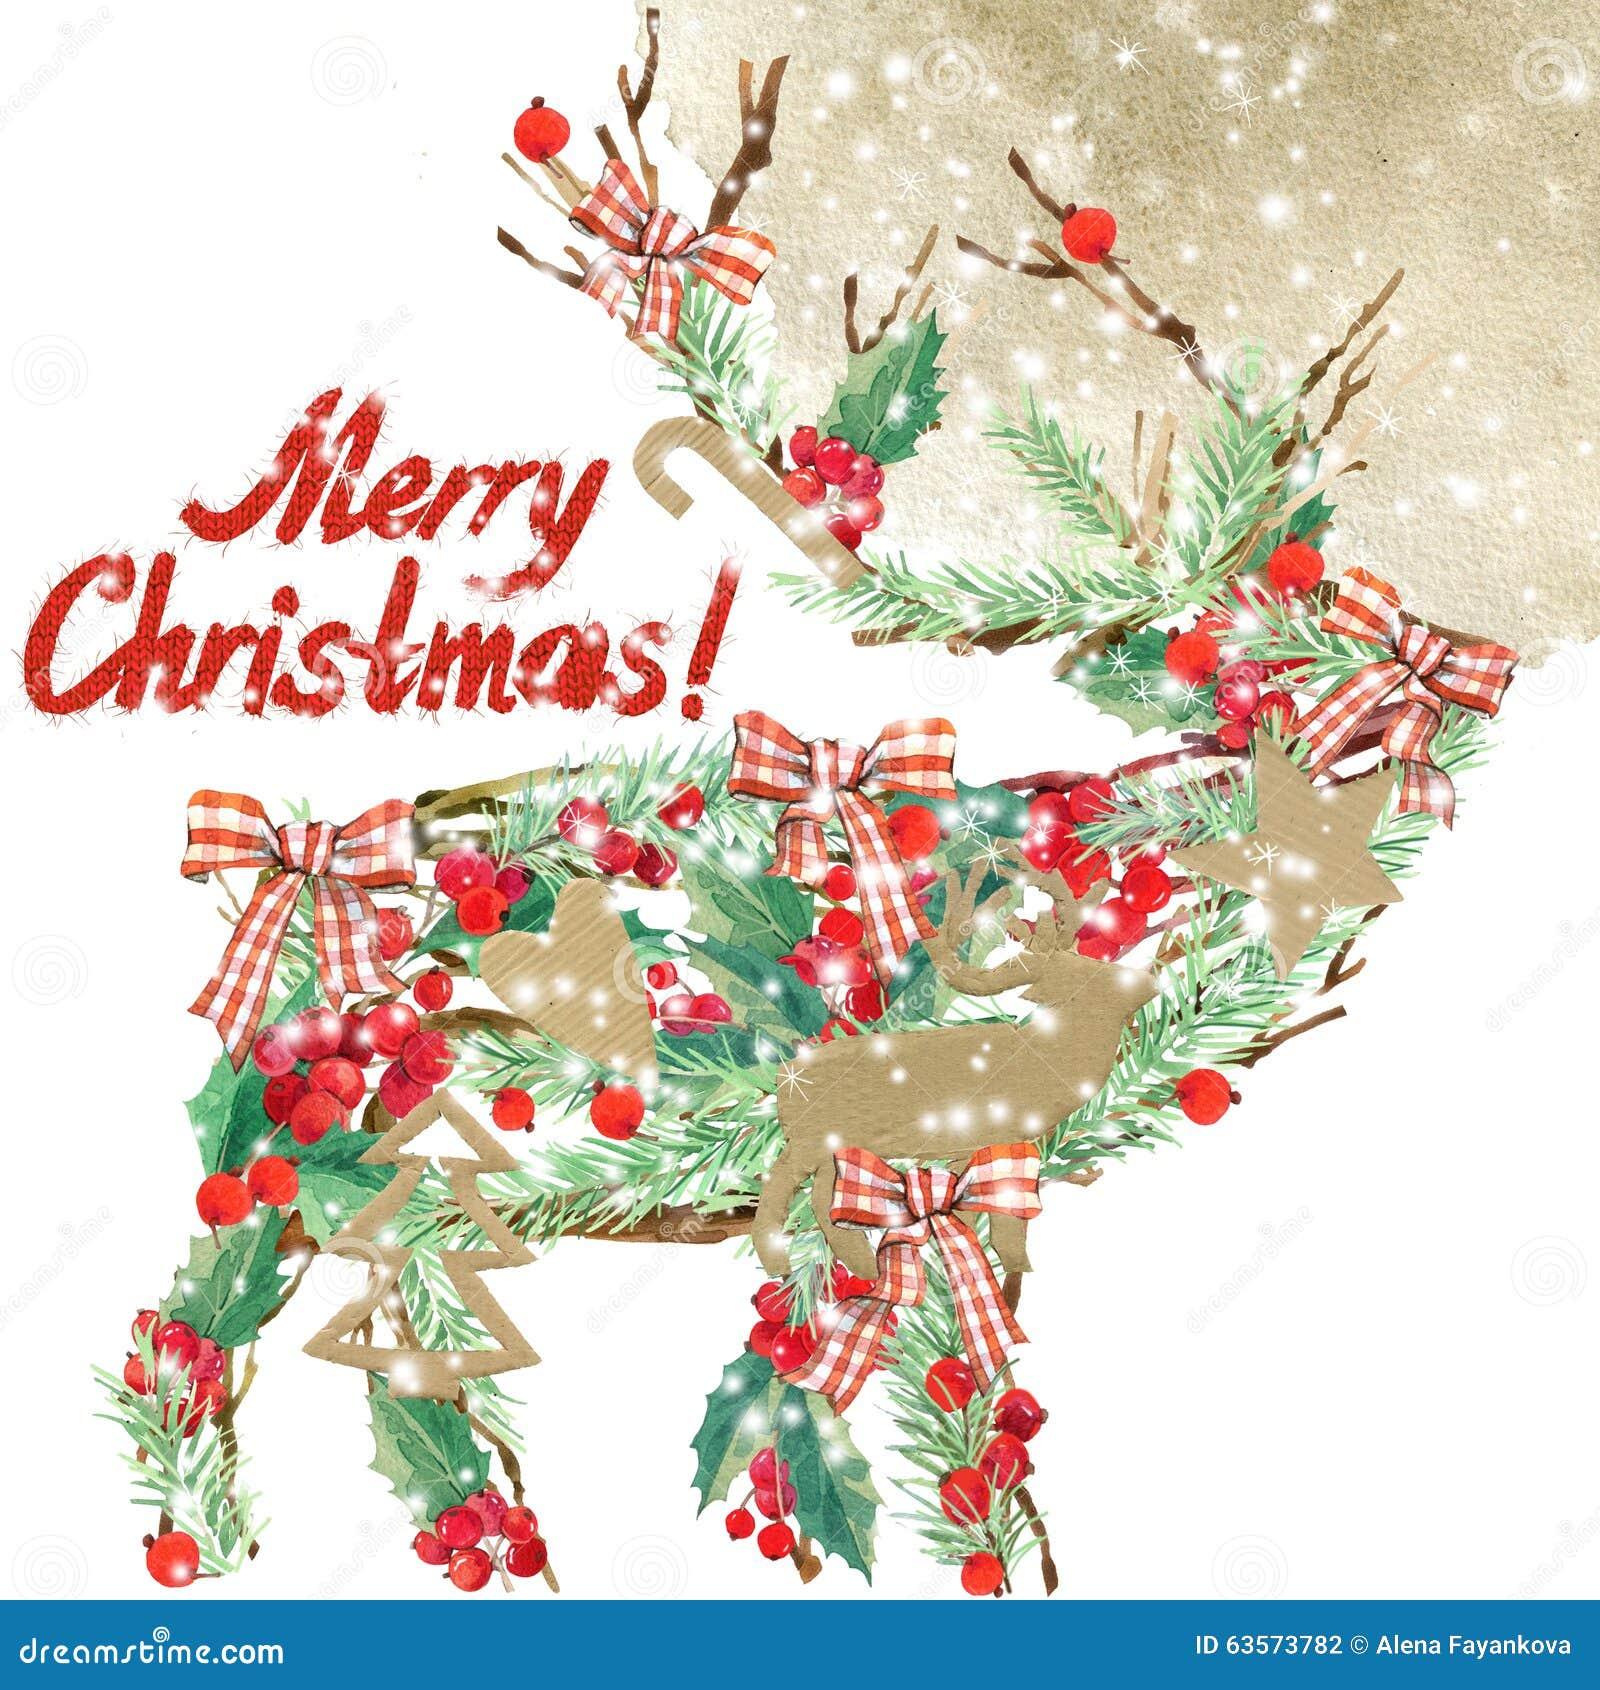 Aquarell weihnachtsren text der wunsch frohen weihnachten - Aquarell weihnachten ...